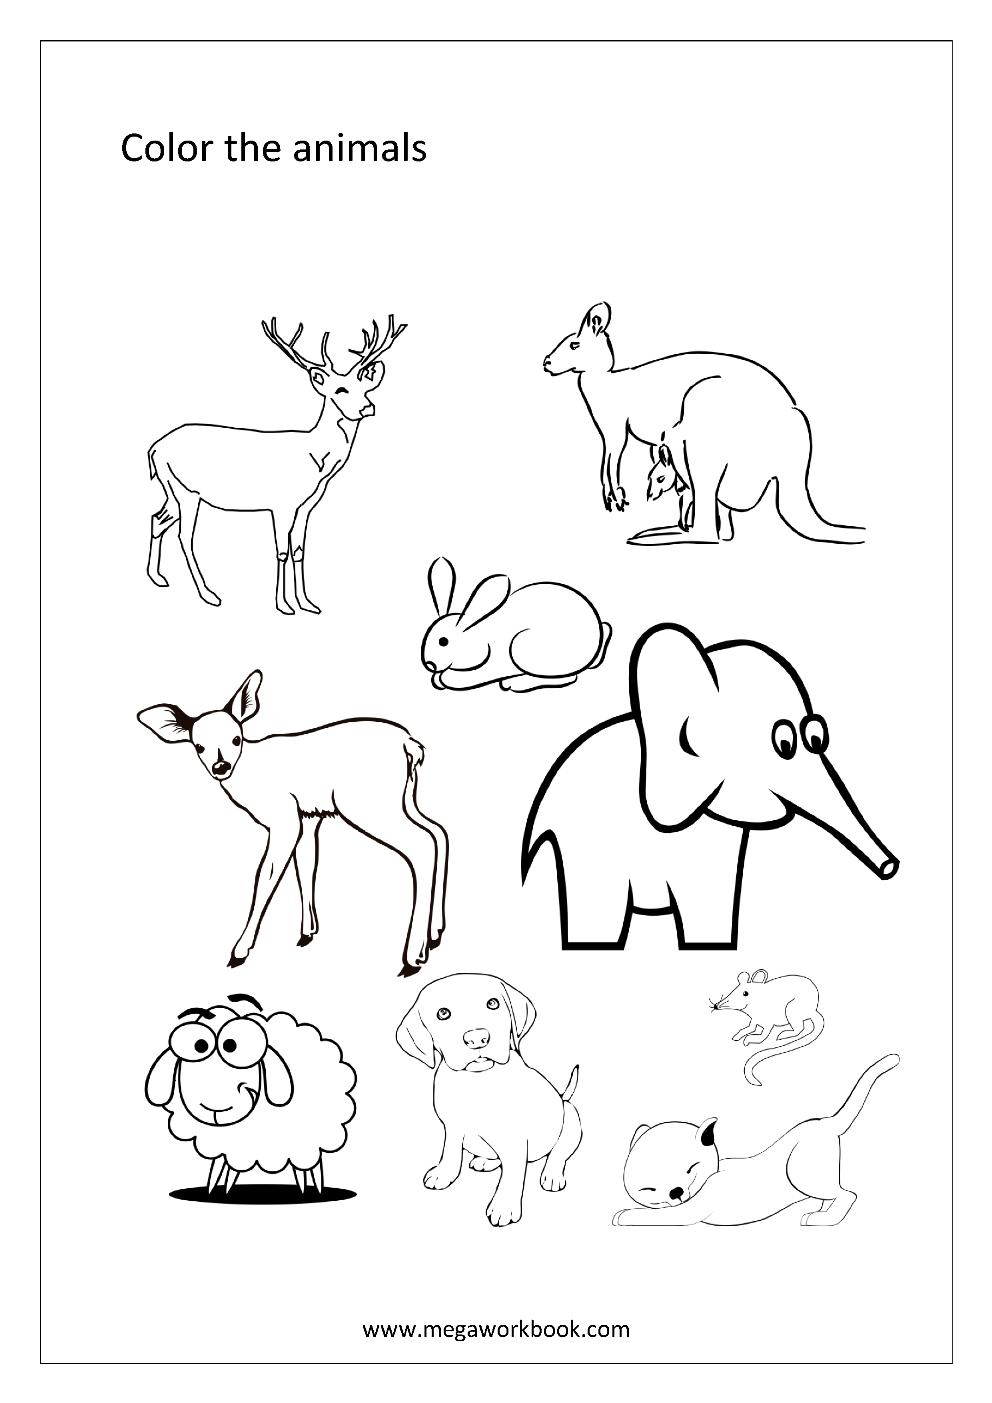 Animal Coloring Page for kids 2019 - Tipss und Vorlagen